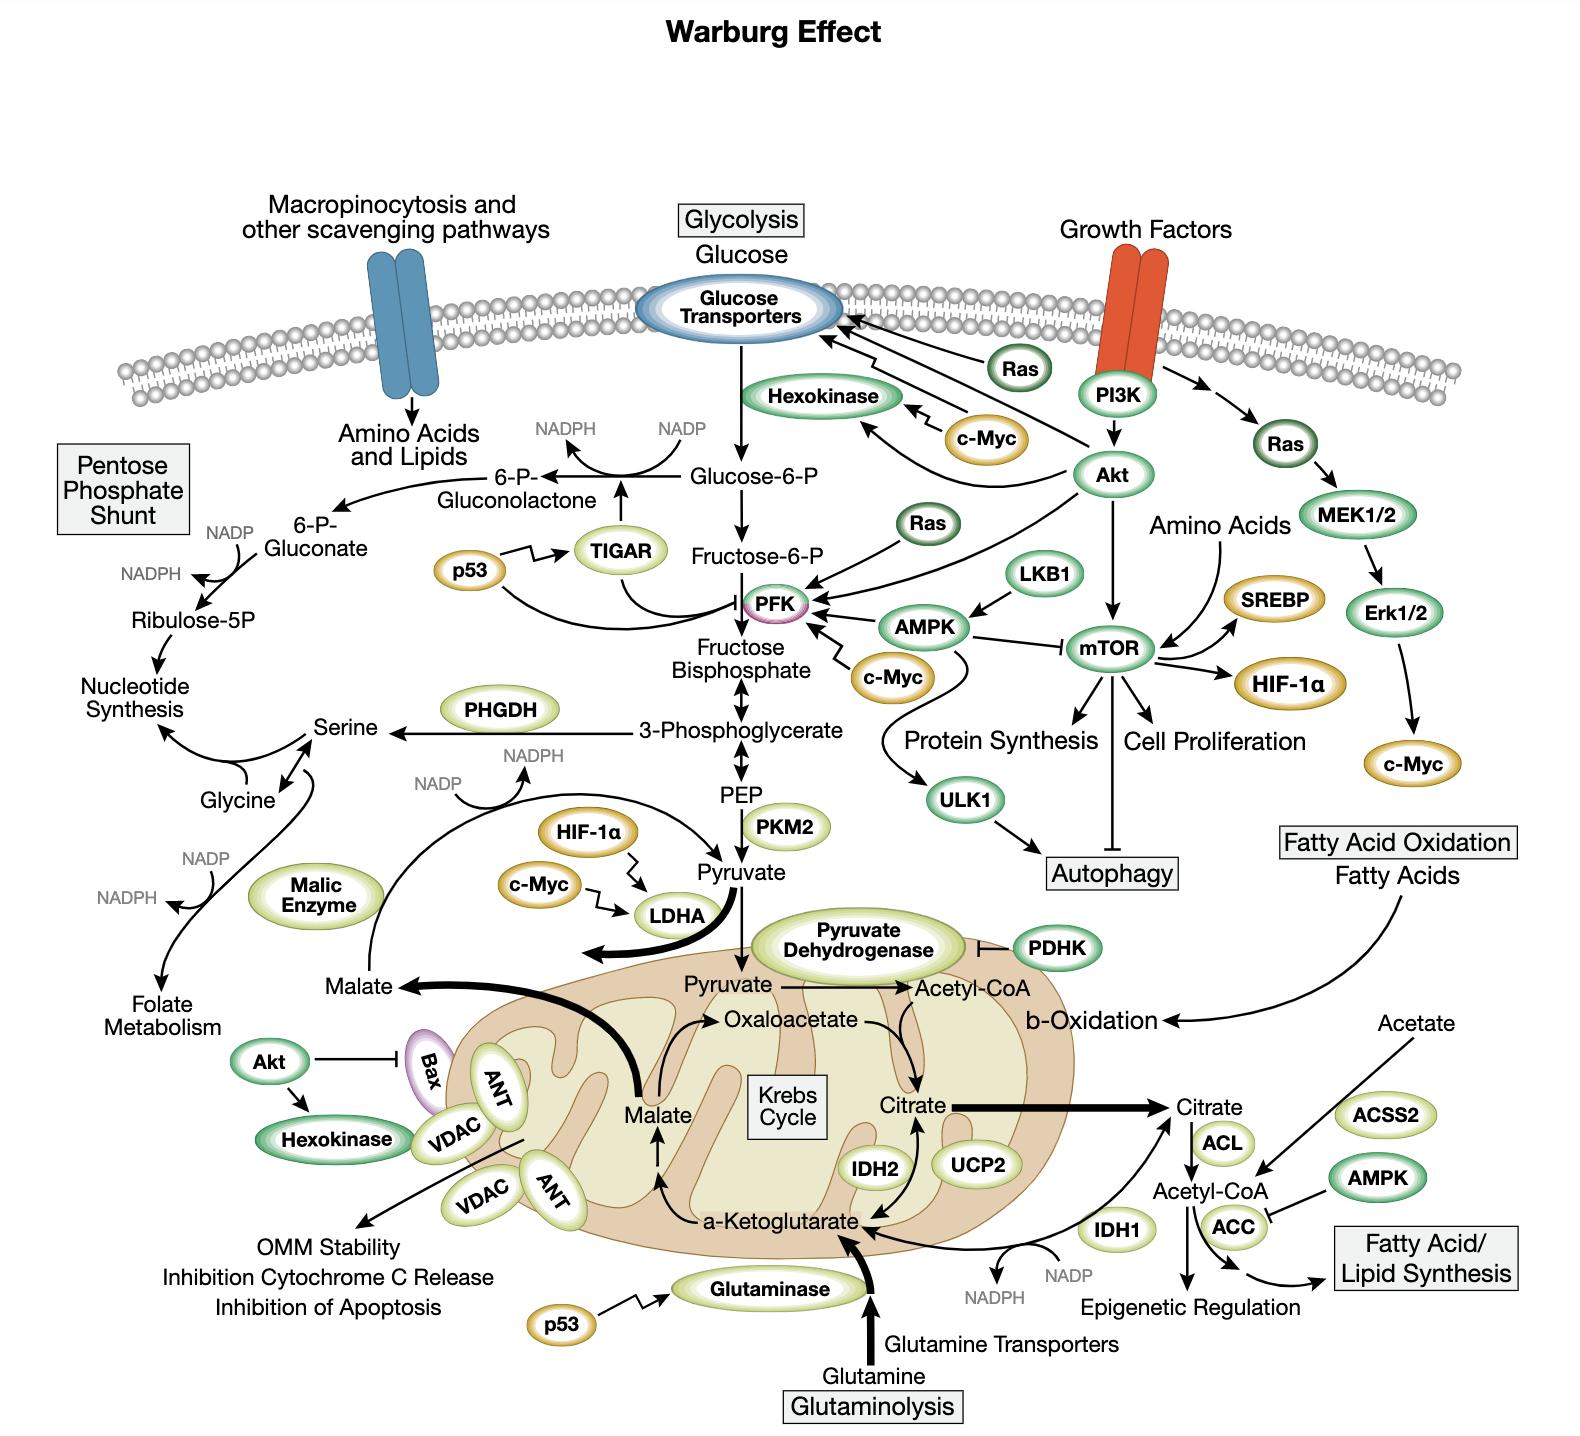 Warburg Effect Interactive Signaling Pathway